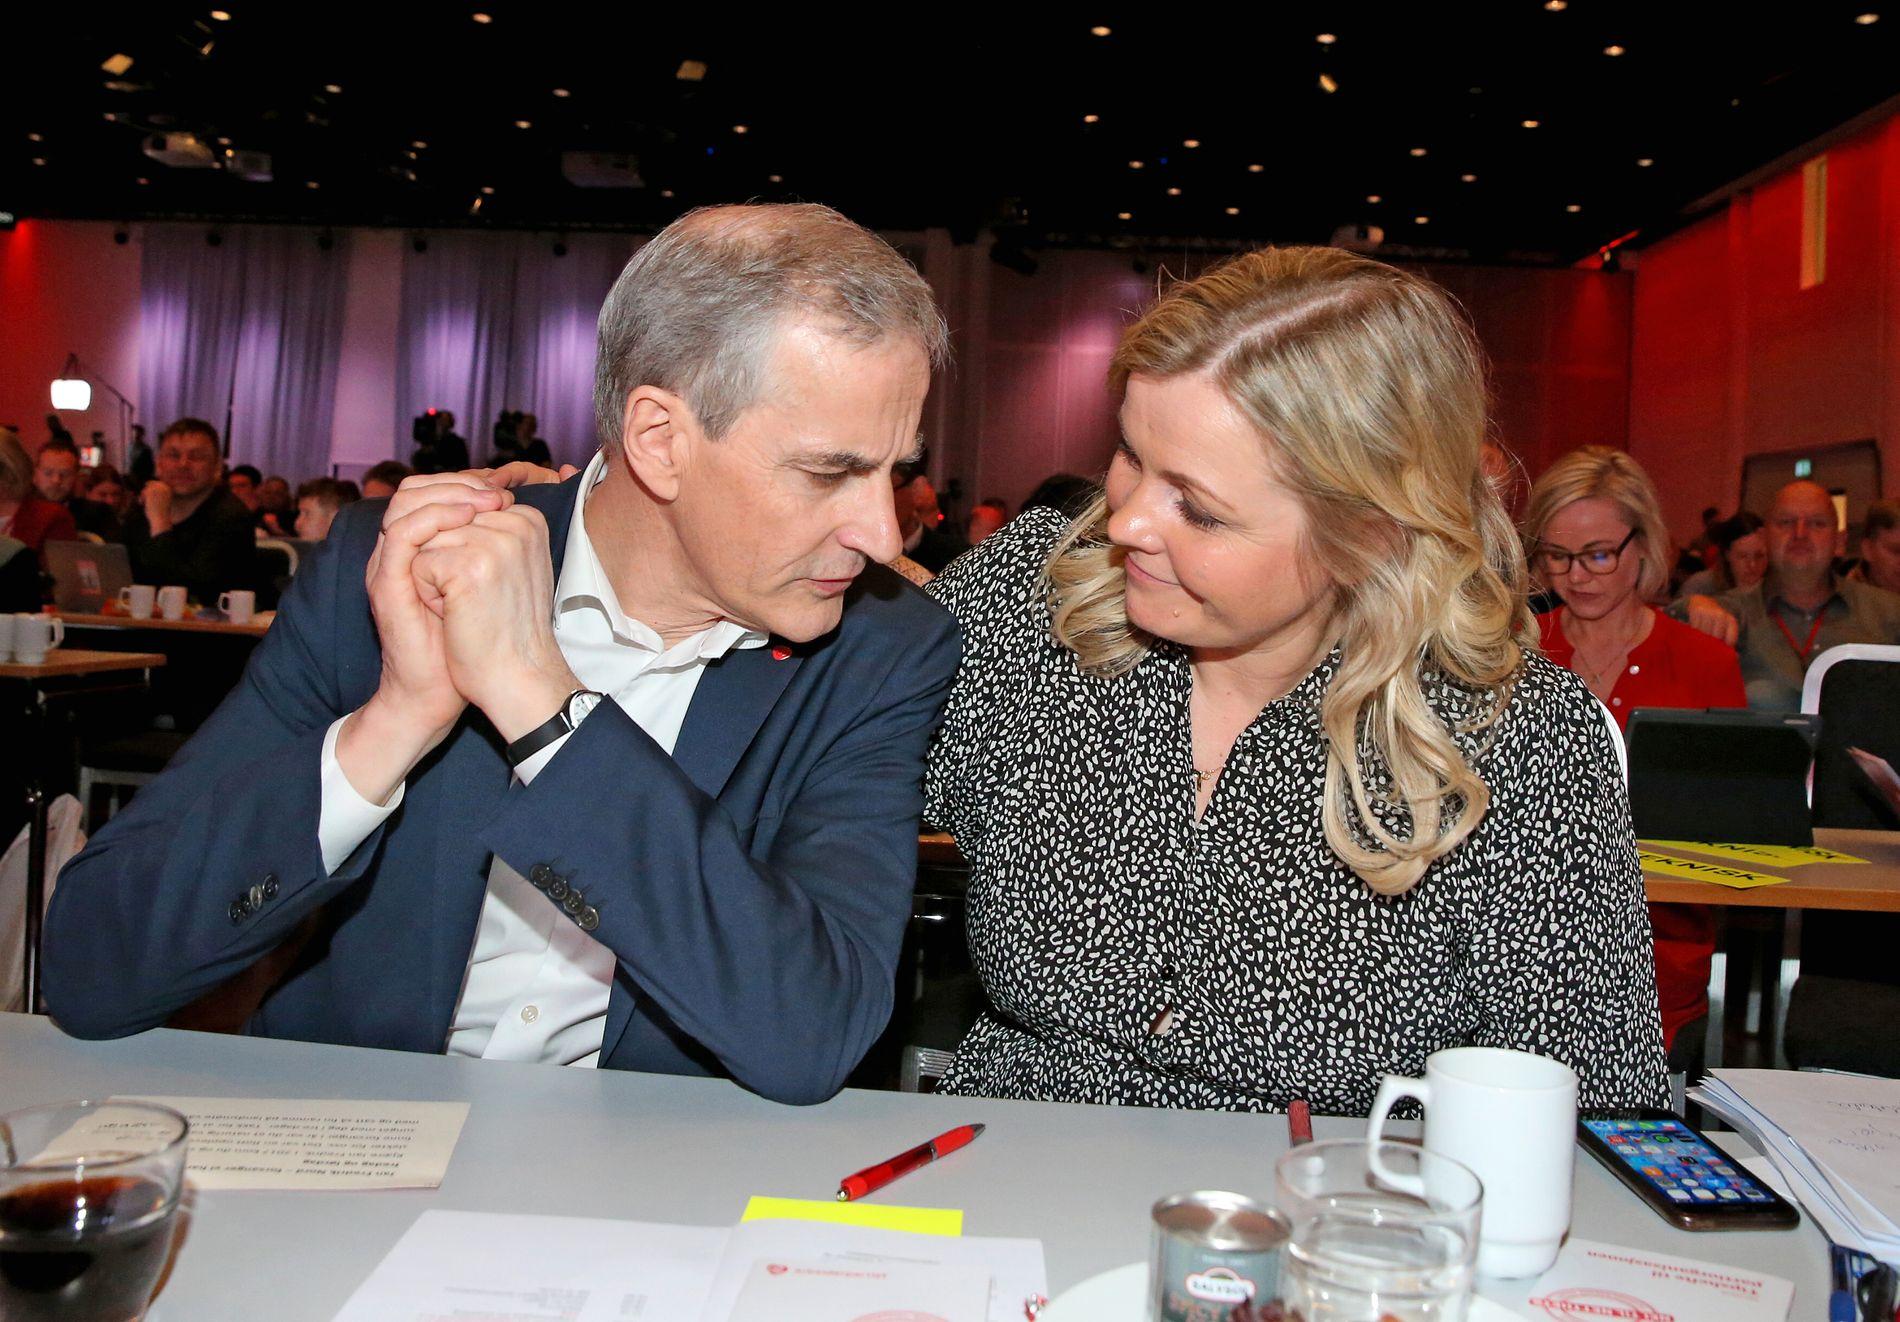 ENIGE OM VEIEN VIDERE: Partileder Jonas Gahr Støre og partisekretær Kjersti Stenseng har lagt en plan for hvordan partiet skal komme videre etter valgnederlaget.